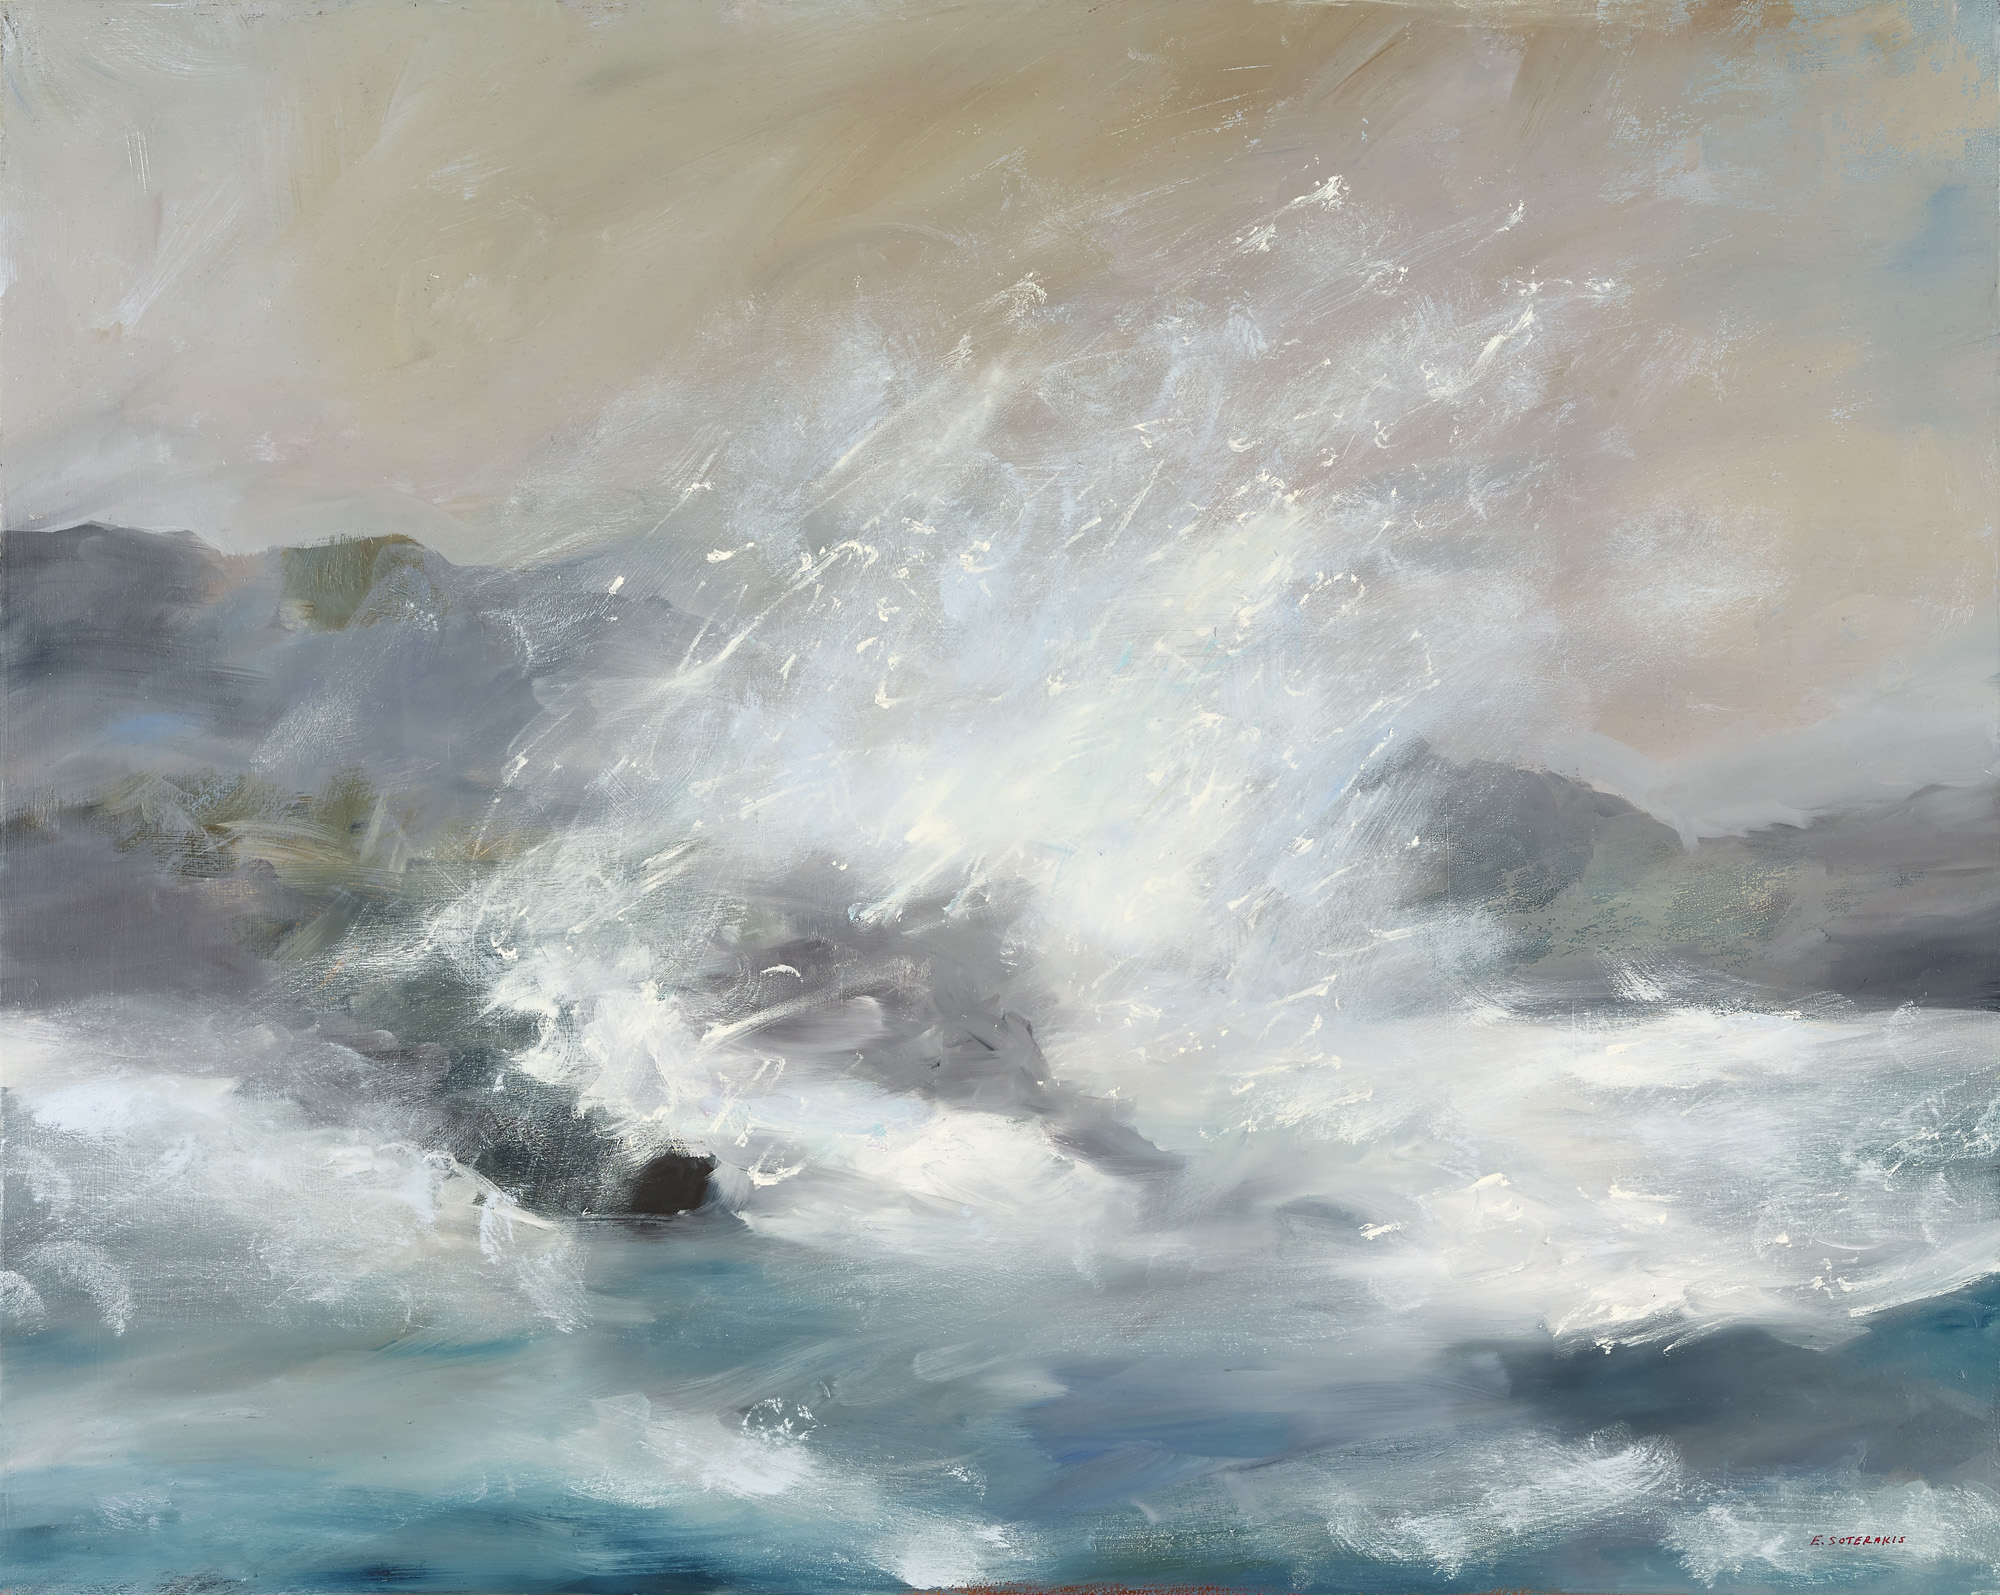 Tumultuous Seas, #6, 2013 oil on panel 24 x 30 in.